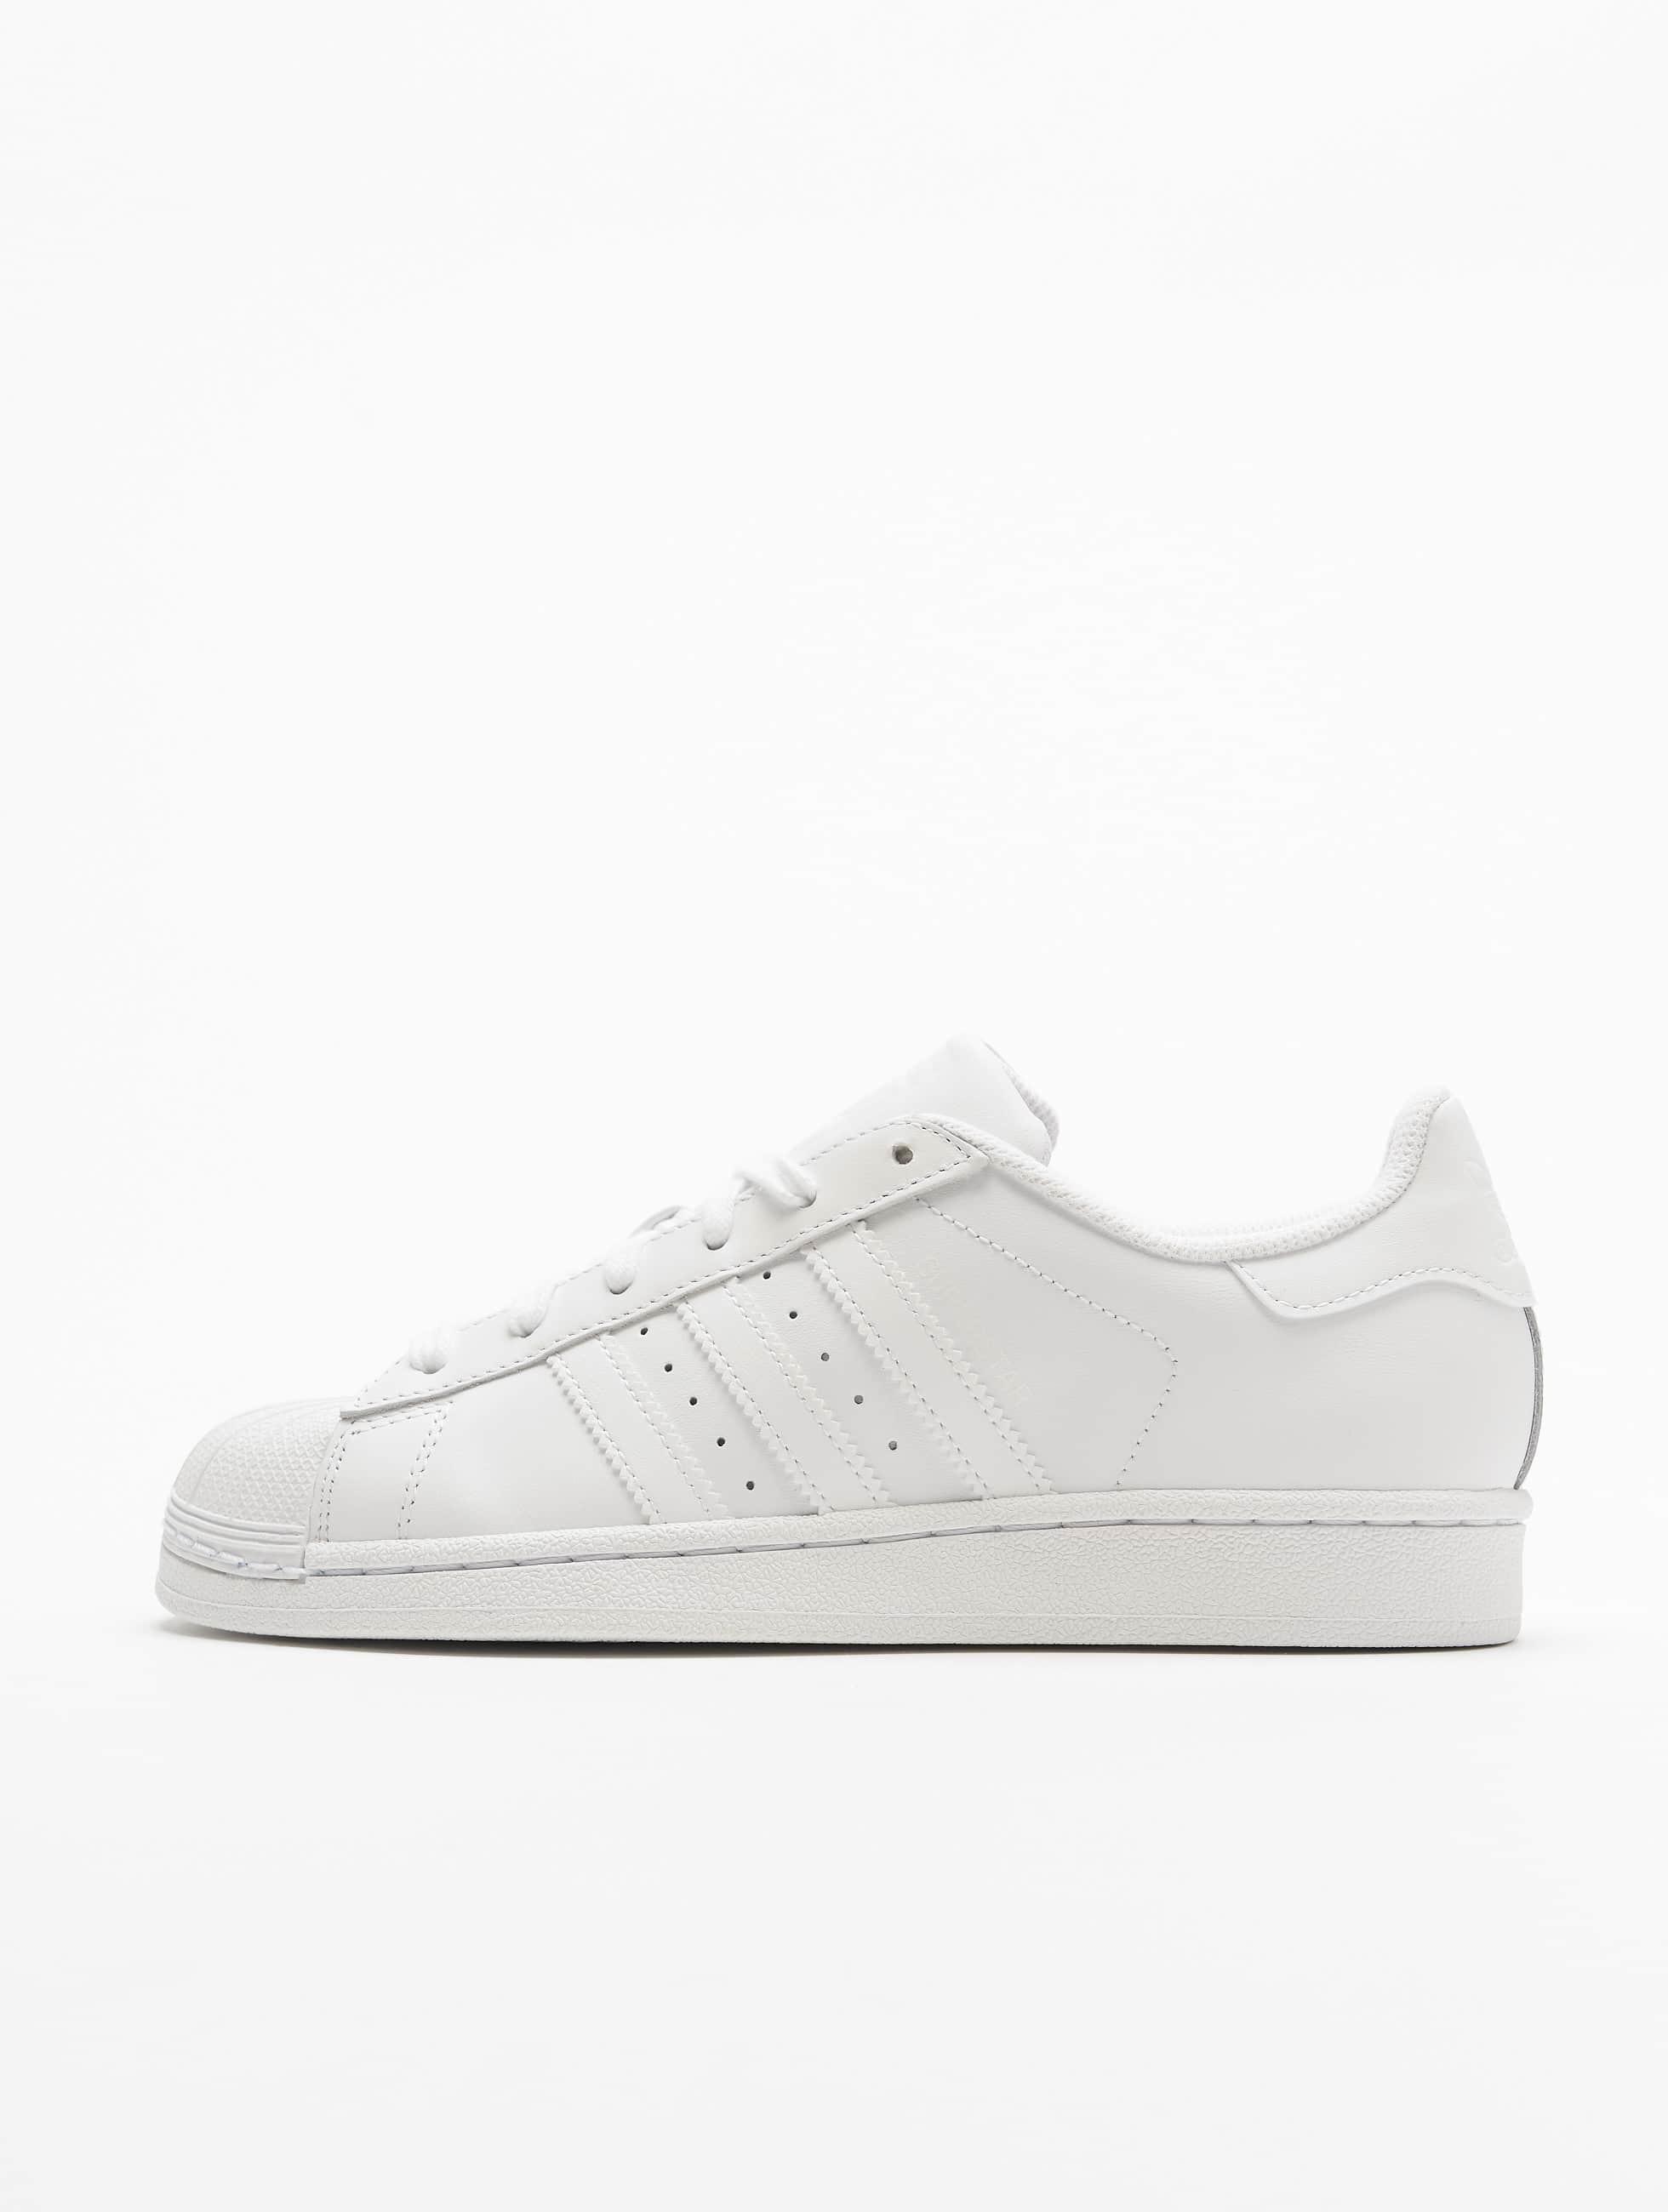 Adidas Sleek MID Women (Ftw White Ftw White Cblack